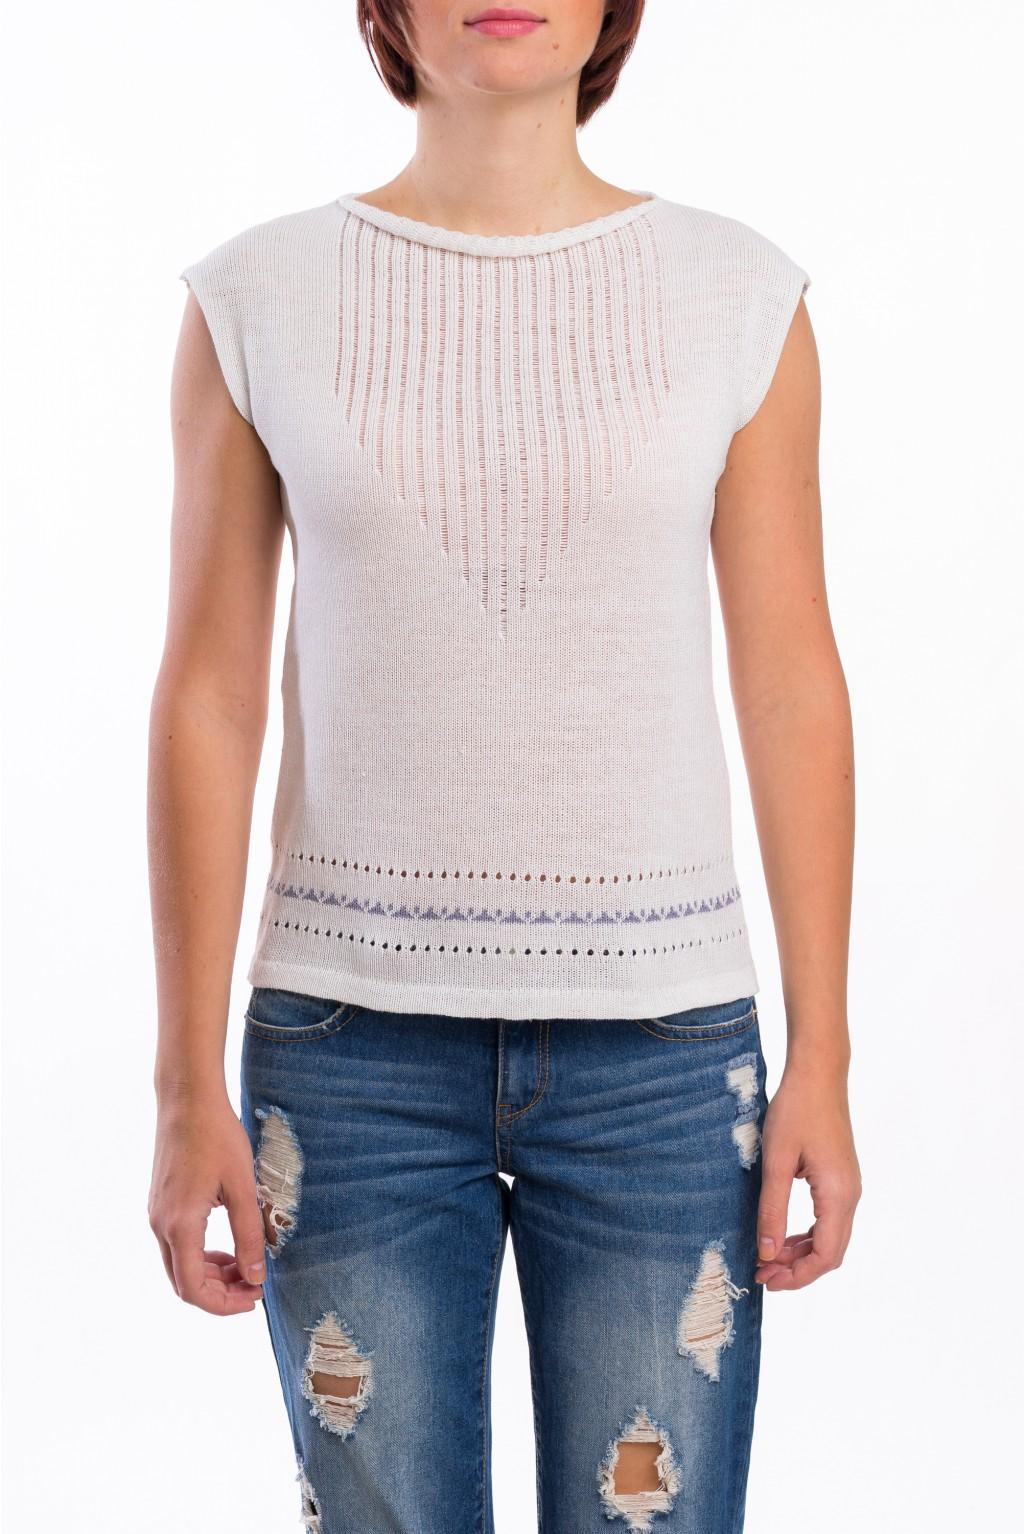 Сбор заказов. Модный лён: шикарные льняные летние снуды, футболки, кардиганы, джемпера, юбки. Все очень красиво, модно, натурально и недорого. Вам понравится!